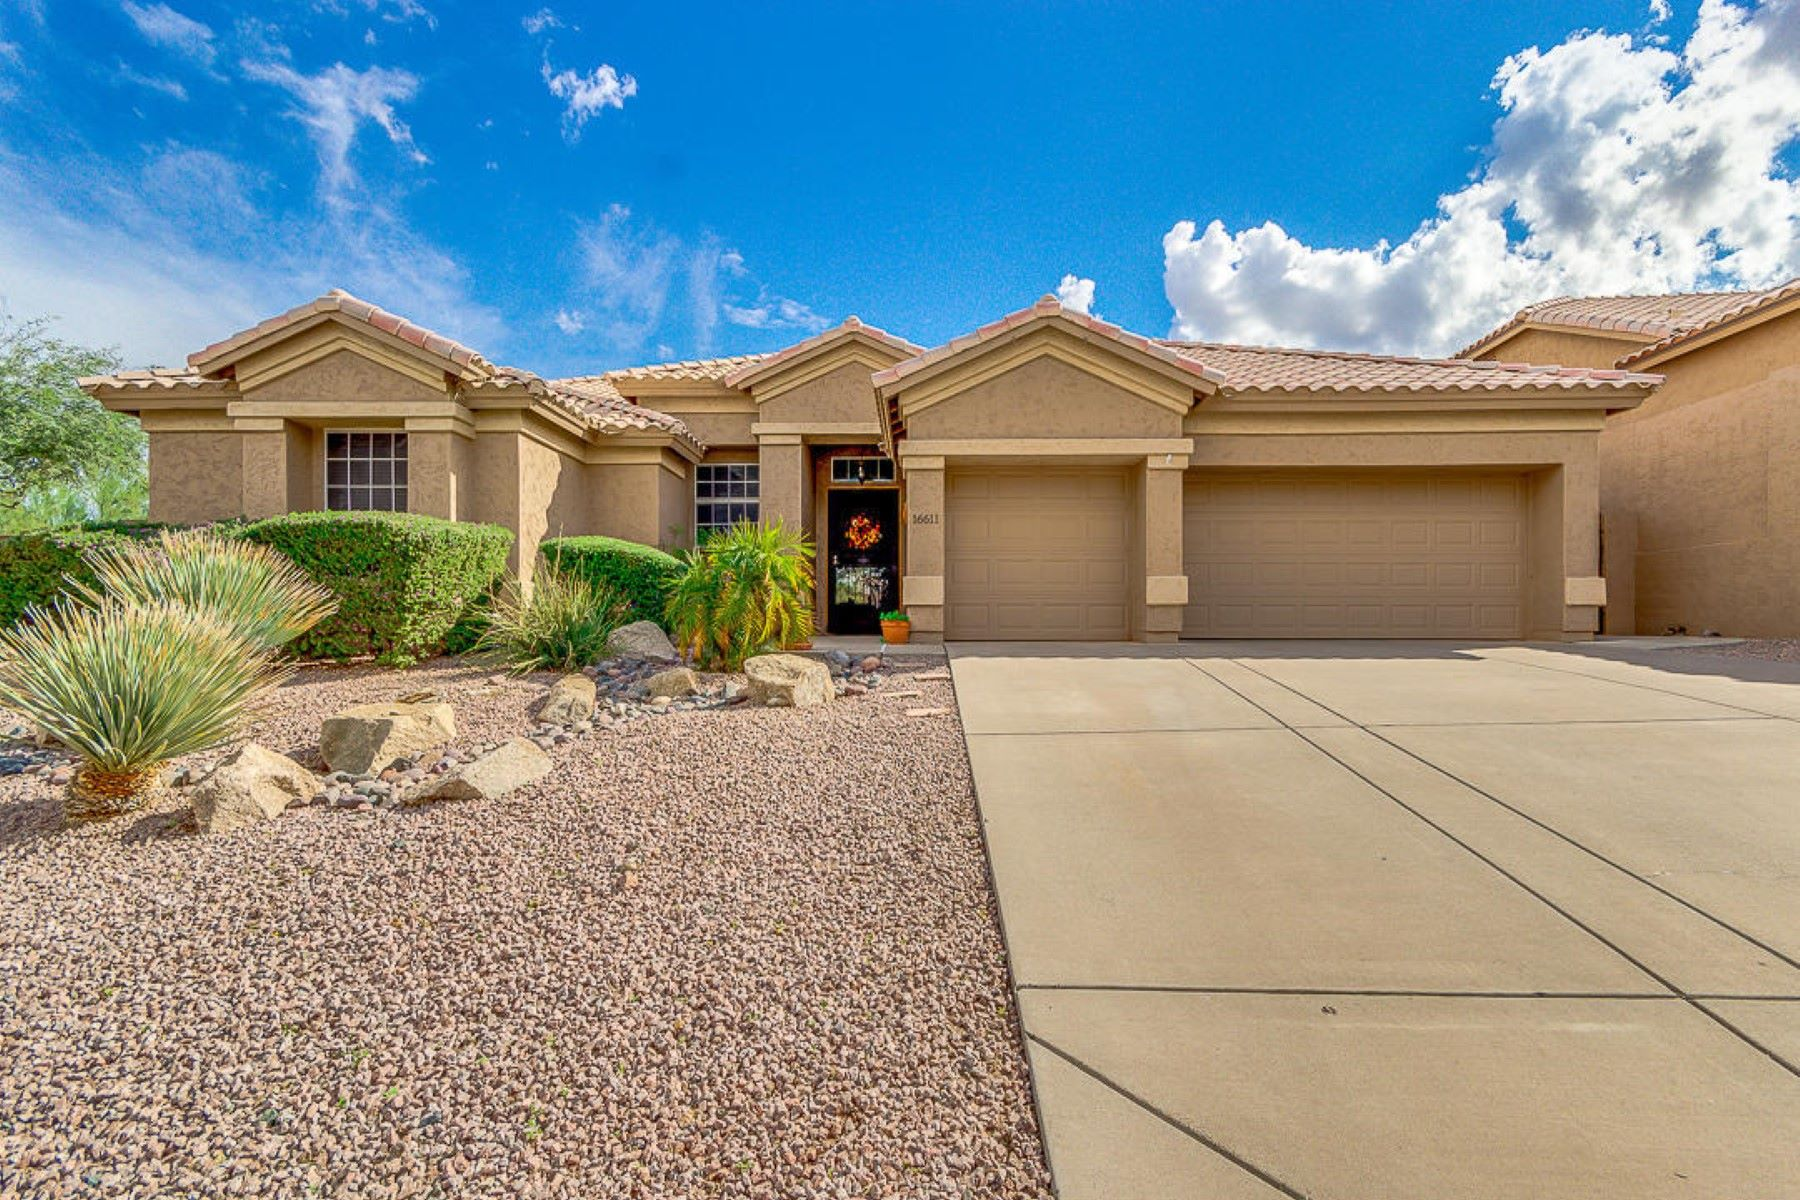 独户住宅 为 销售 在 Stunning Single Level Home 16611 S 18TH WAY 菲尼克斯(凤凰城), 亚利桑那州 85048 美国